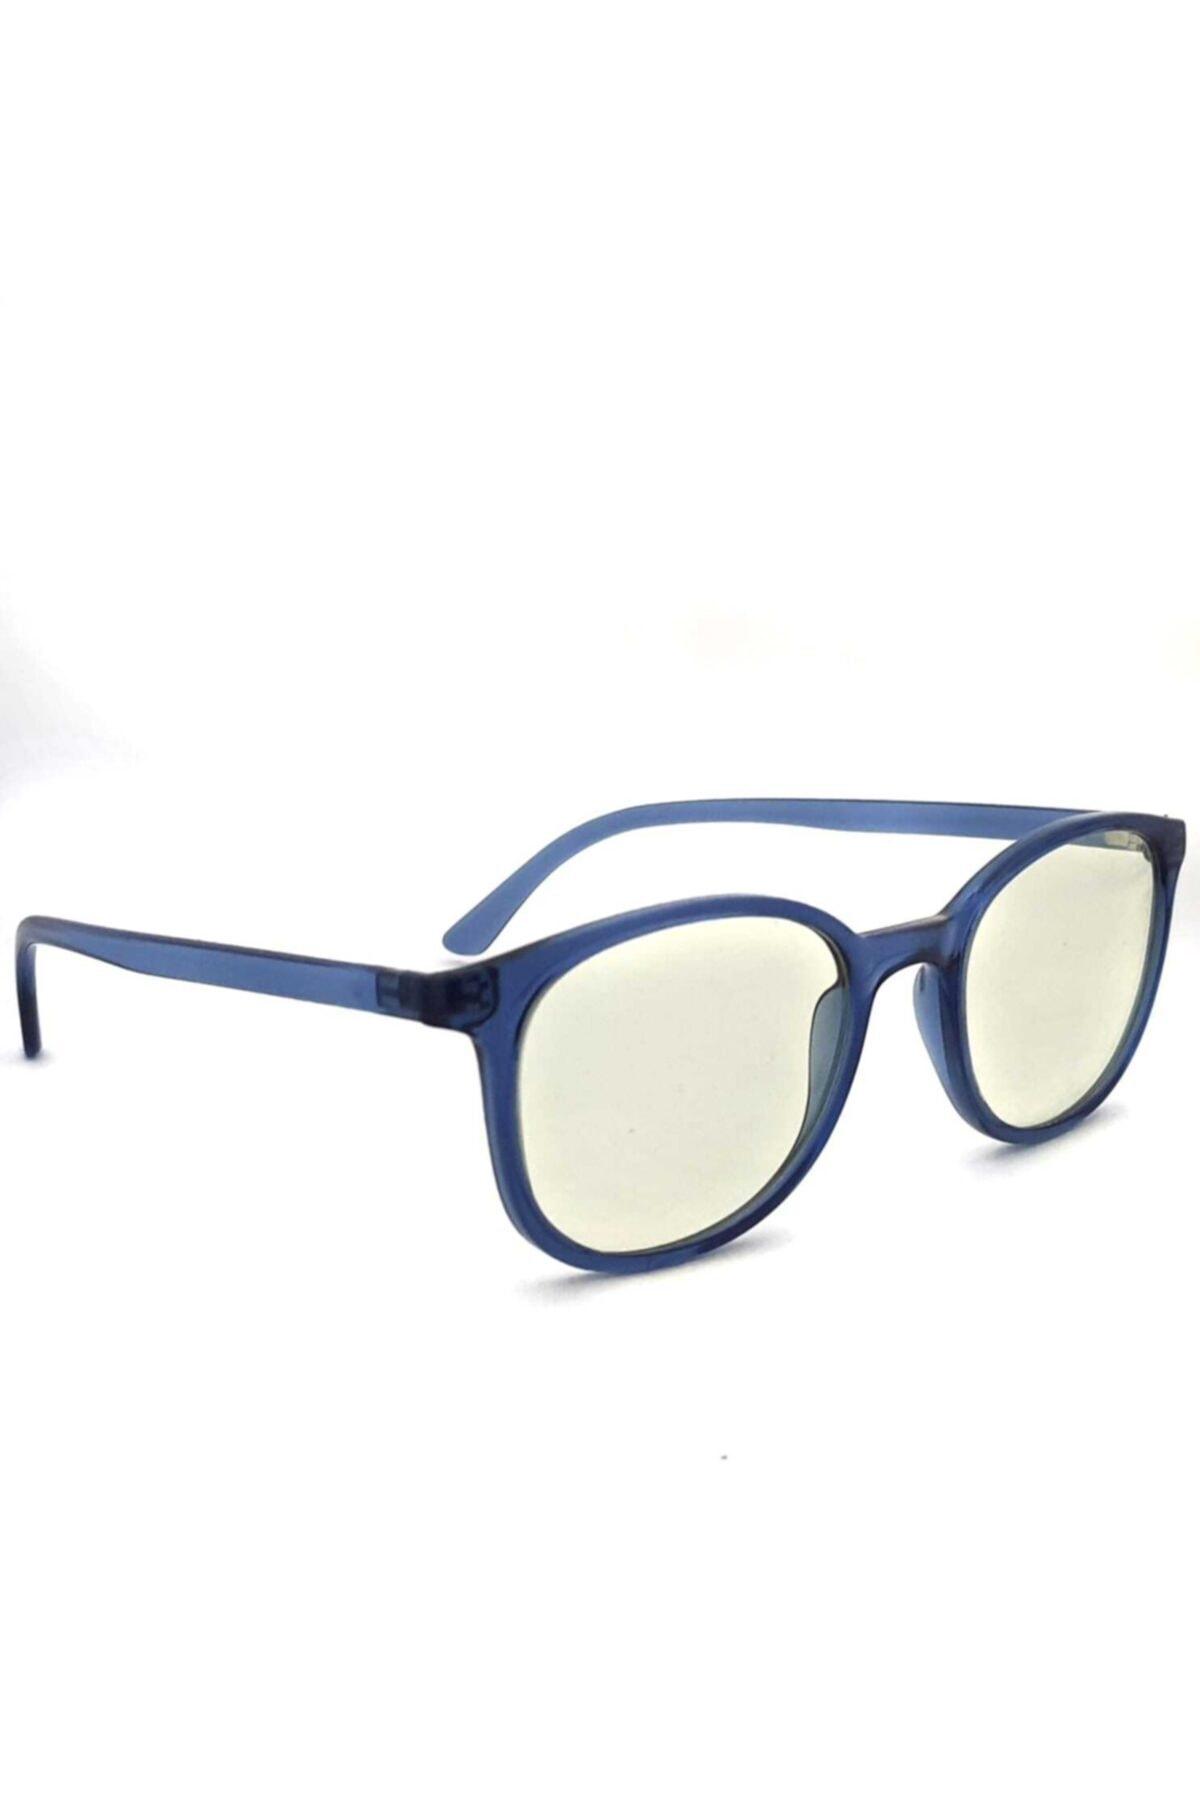 PETİTO Baham Indigo Unısex Mavi Işık Korumalı Ekran Gözlüğü 1